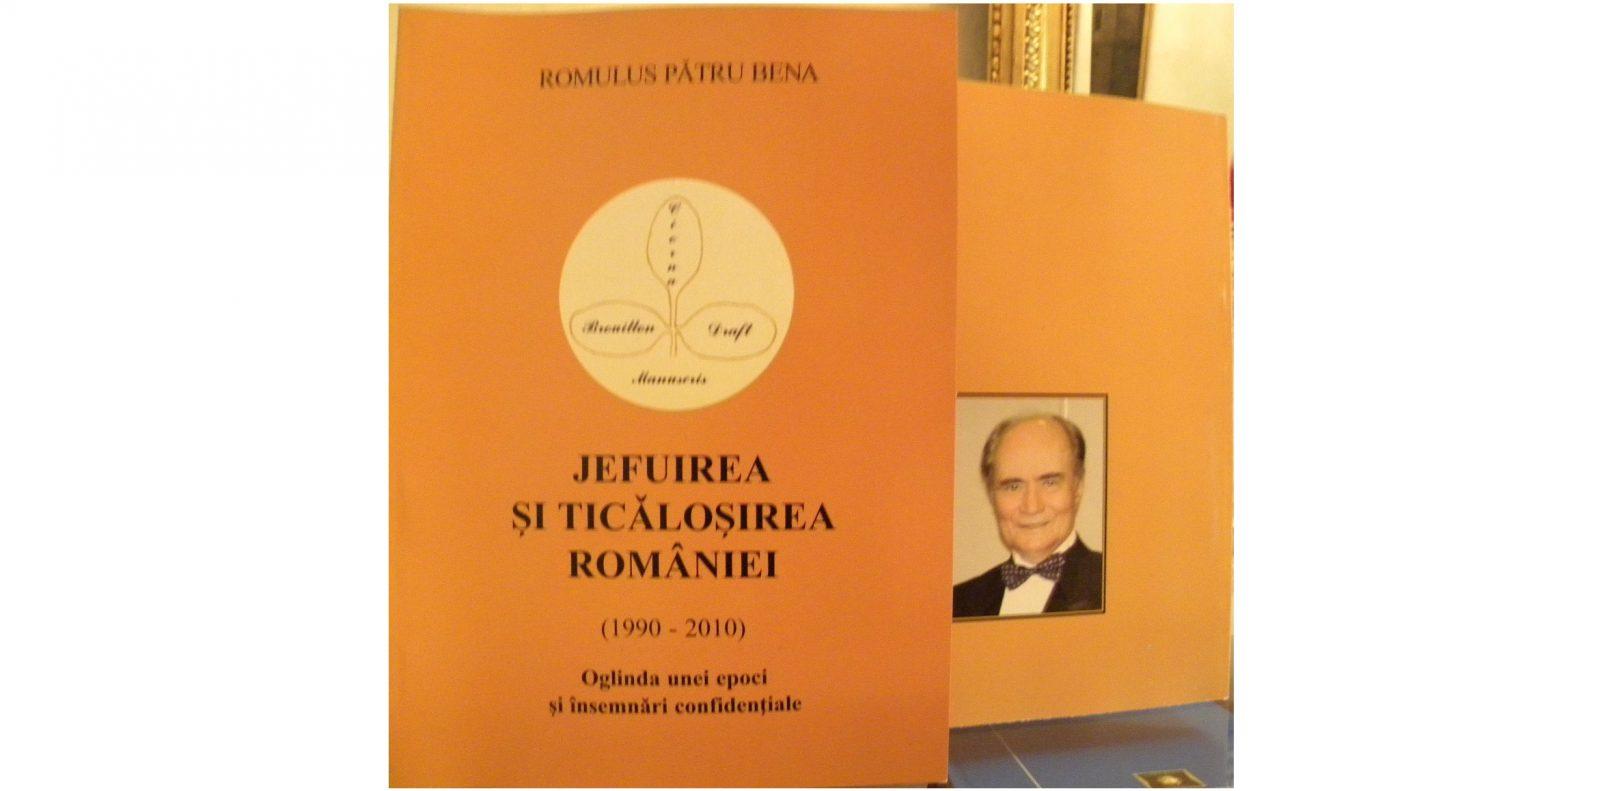 """Lansarea cărţii ,,Jefuirea şi ticăloşirea României (1990–2010). (Oglinda unei epoci şi însemnări confidenţiale). Un pamflet cu opinii şi puncte de vedere mai puţin obişnuite! Cocktail atipic de memorialistică diplomatică în stil colorat viole(n)t"""" de Romulus Pătru Bena"""